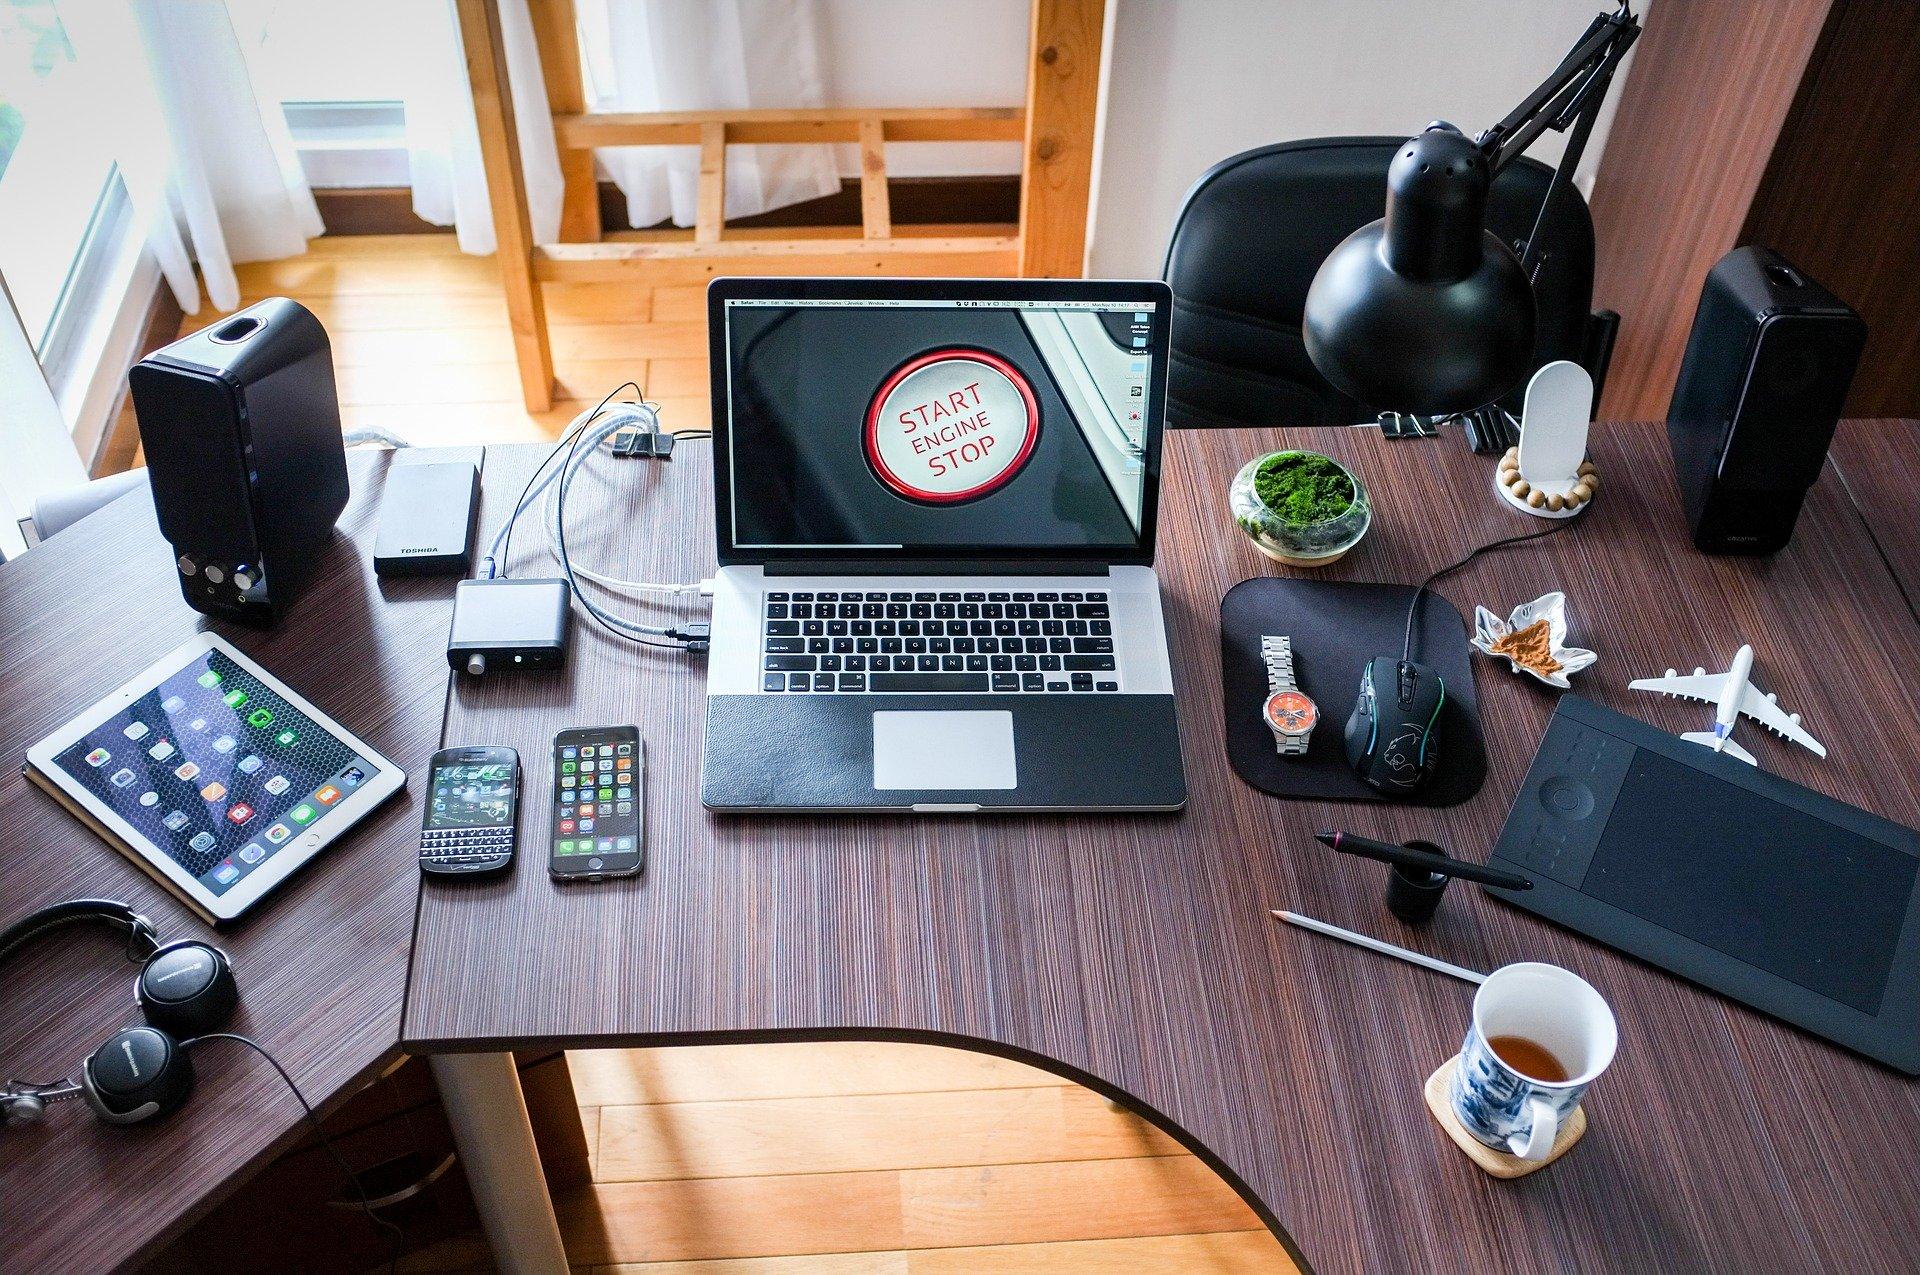 العمل عن طريق الإنترنت , العمل عن طريق الإنترنت للنساء , العمل عن طريق الانترنت ادخال بيانات , عمل من البيت عن طريق الانترنت , العمل في المنزل عن طريق الانترنت , فرص عمل عن طريق الانترنت , البحث عن عمل عن طريق الانترنت , كيفية العمل عن طريق الانترنت من المنزل و, طريقة العمل عن طريق الانترنت , ابحث عن عمل عن طريق الانترنت , العمل بالمنزل عن طريق الانترنت ,